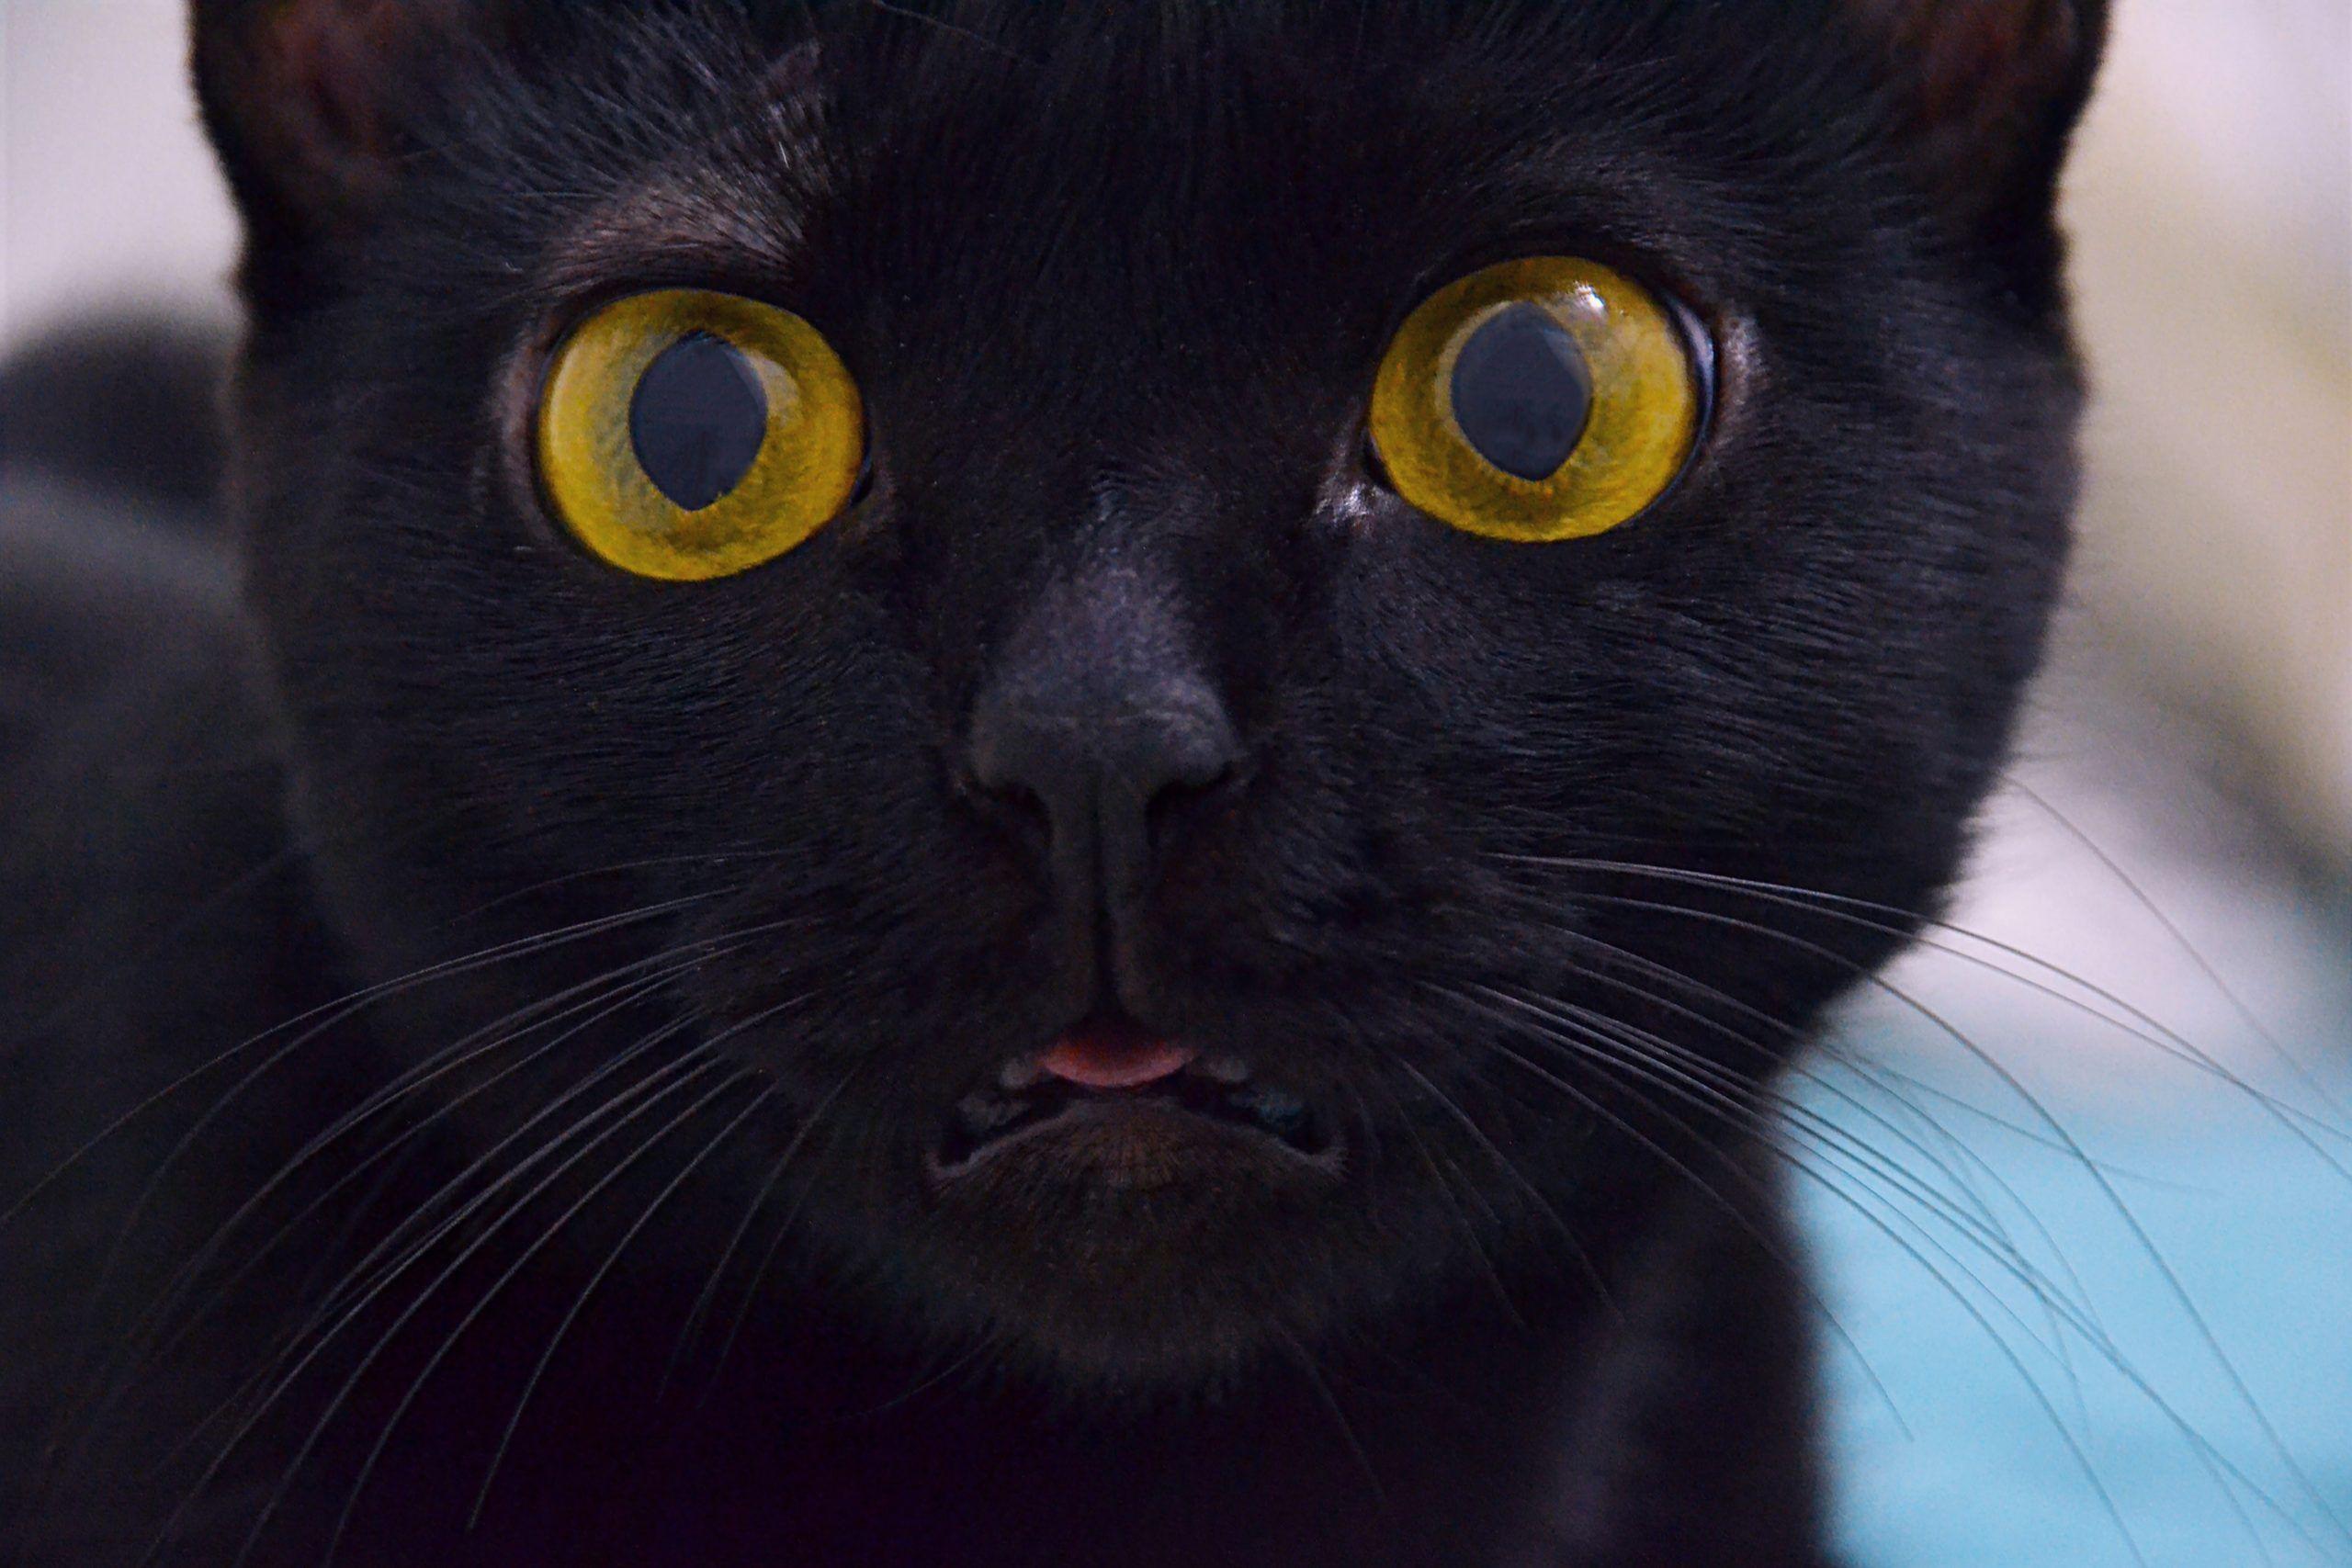 Quantas raças de gatos pretos existem?